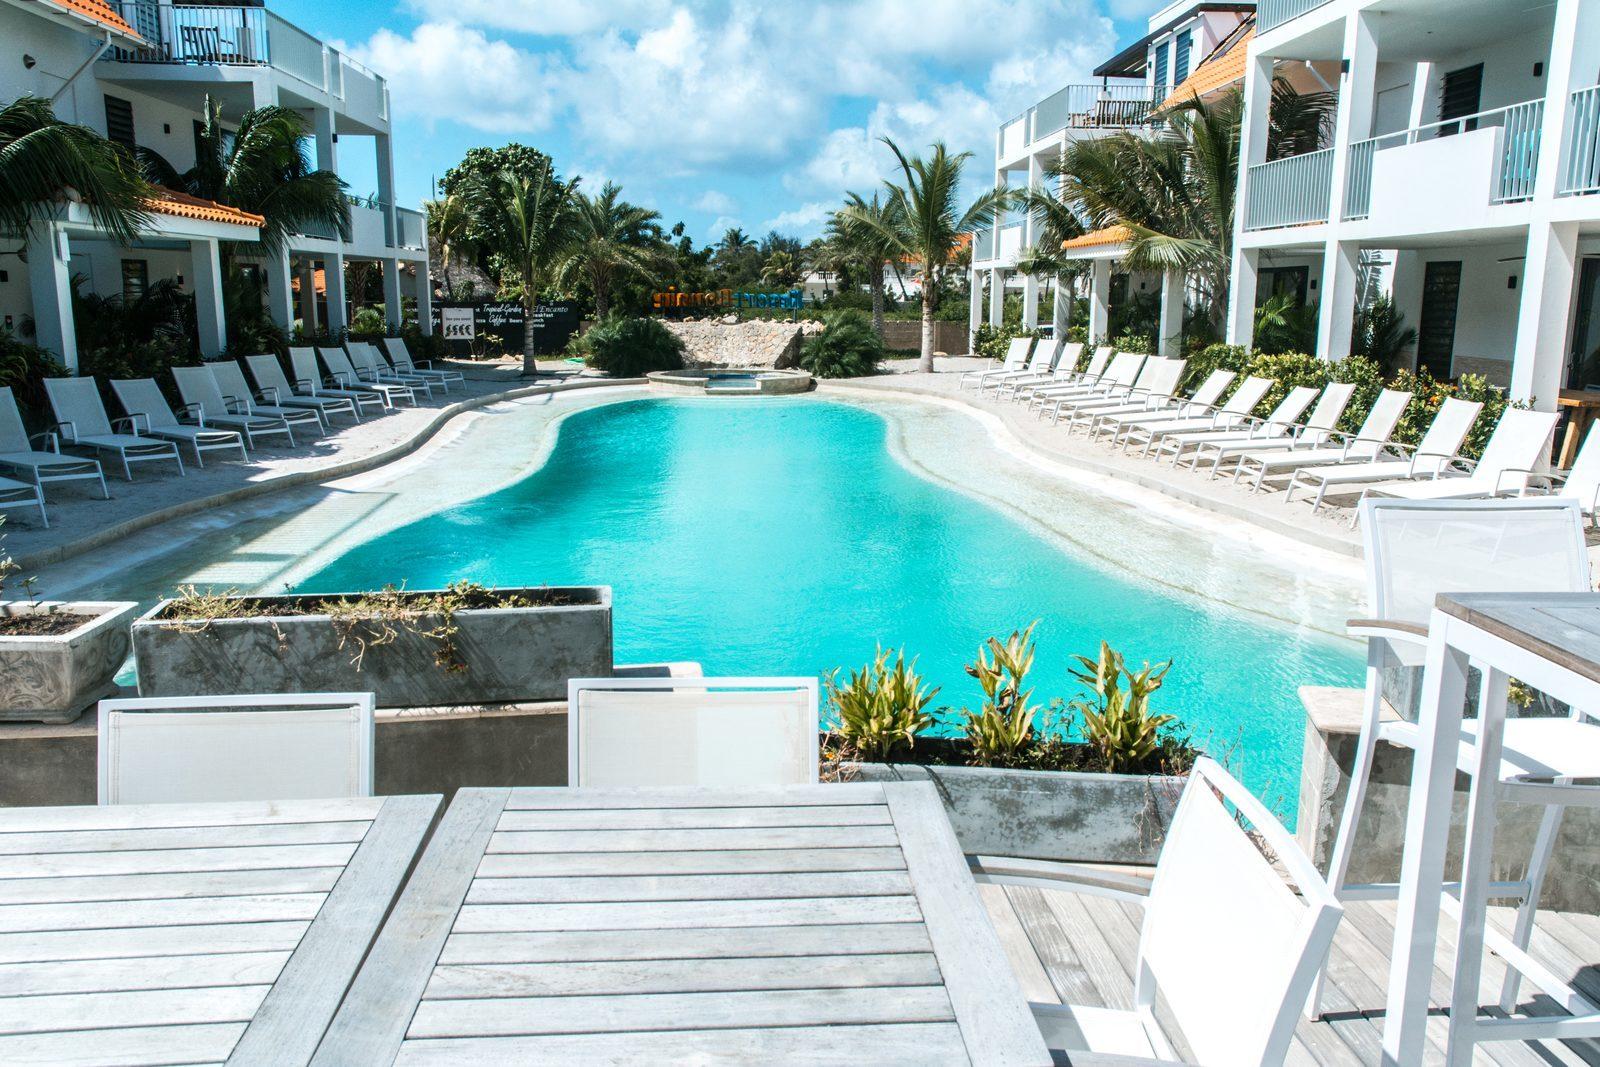 Das Resort Bonaire bietet verschiedene Terrassen, von denen aus Sie den Swimmingpool überblicken können.